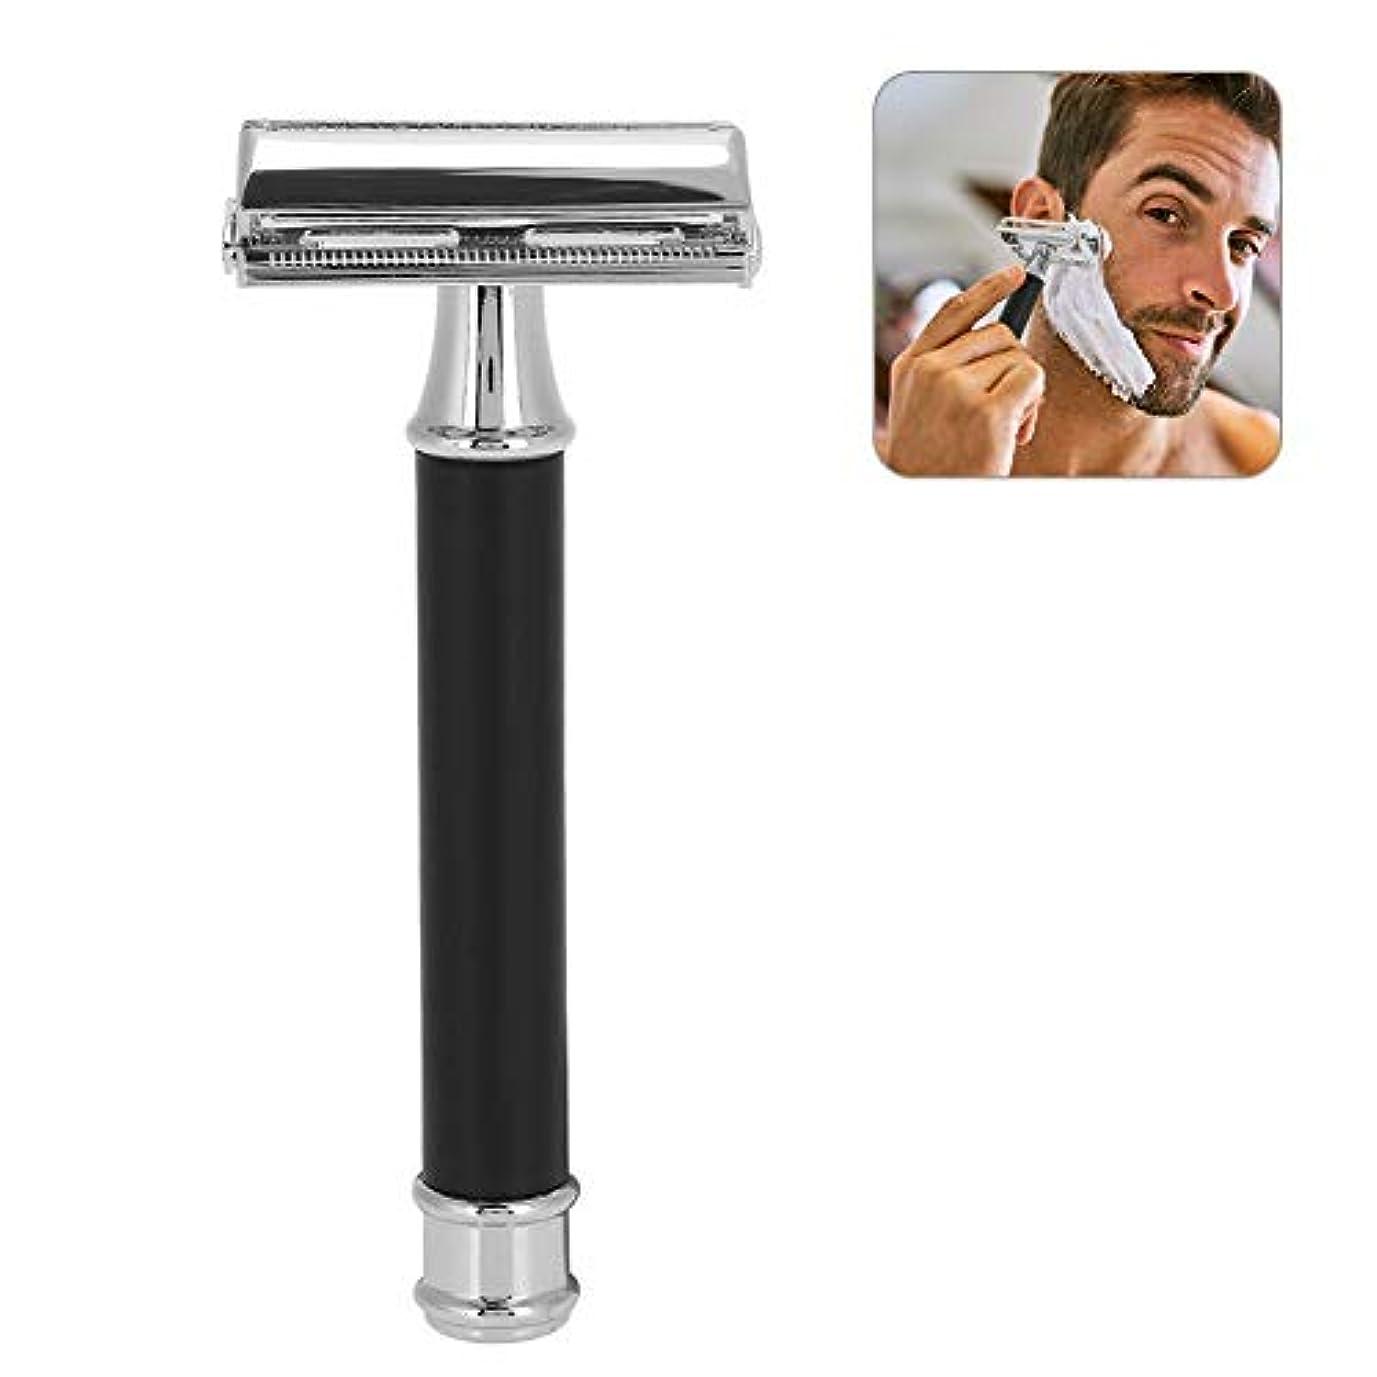 浸した取り除く水っぽい両刃カミソリホルダー メンズシェーバー クラシックレイザー 脱毛器 剃刀 手動 交換可能なブレード 両面ナイフ